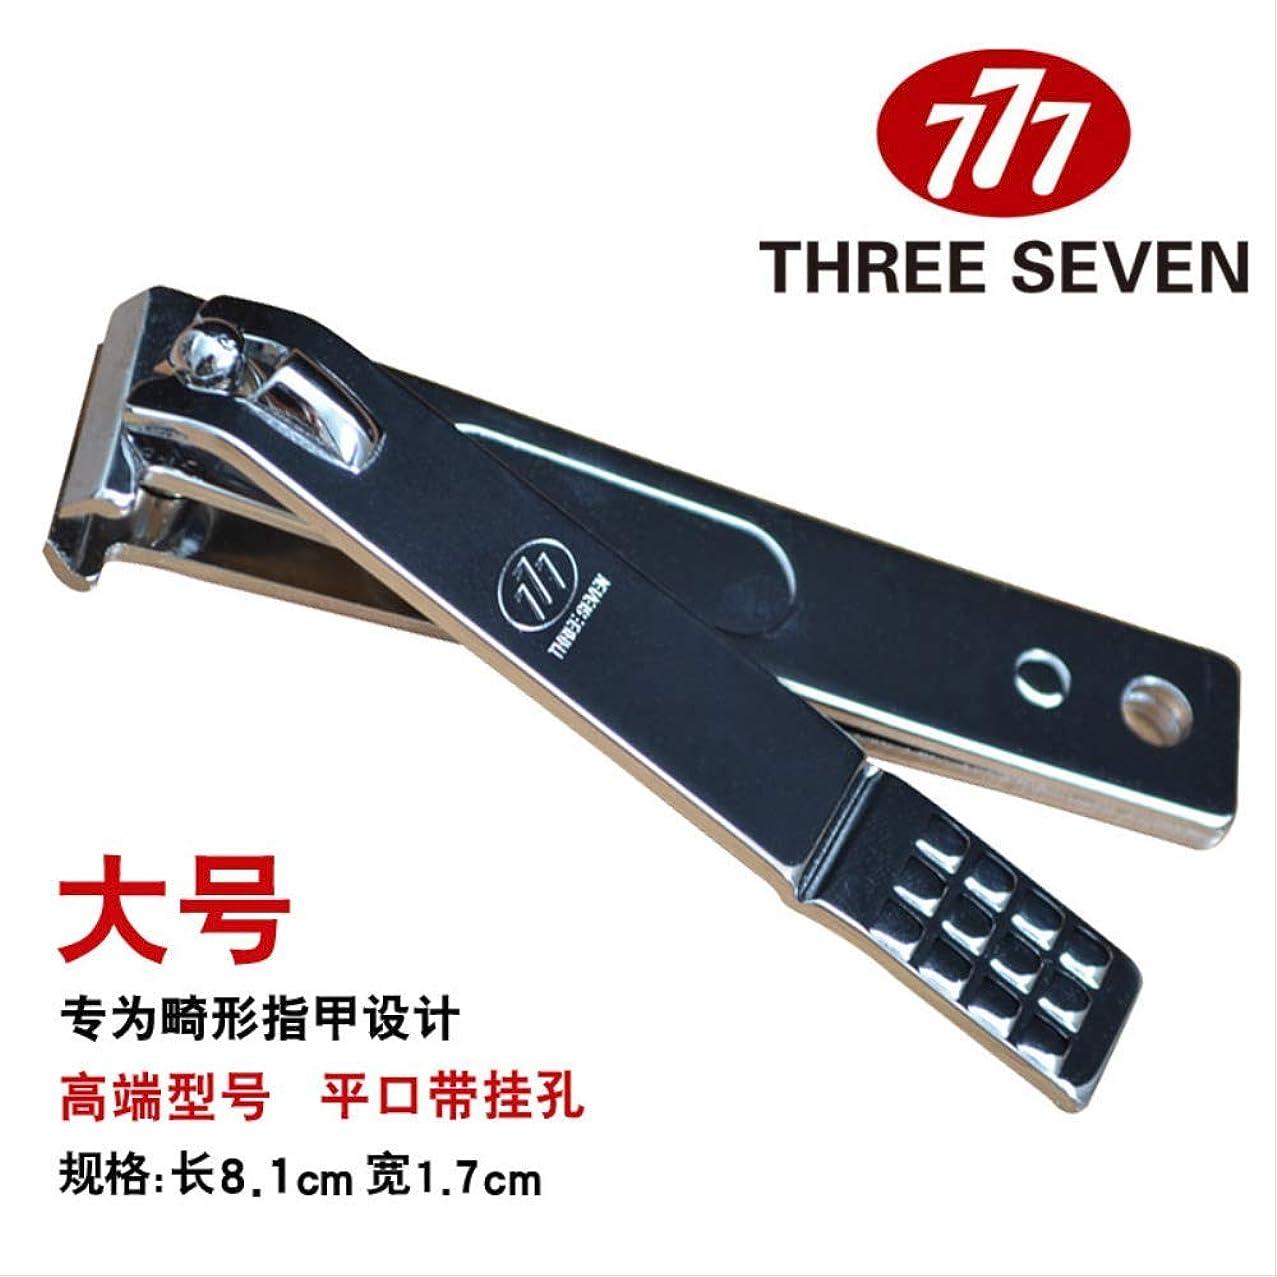 役割ジム知り合い韓国777爪切りはさみ元平口斜め爪切り小さな爪切り大本物 N-240ZA